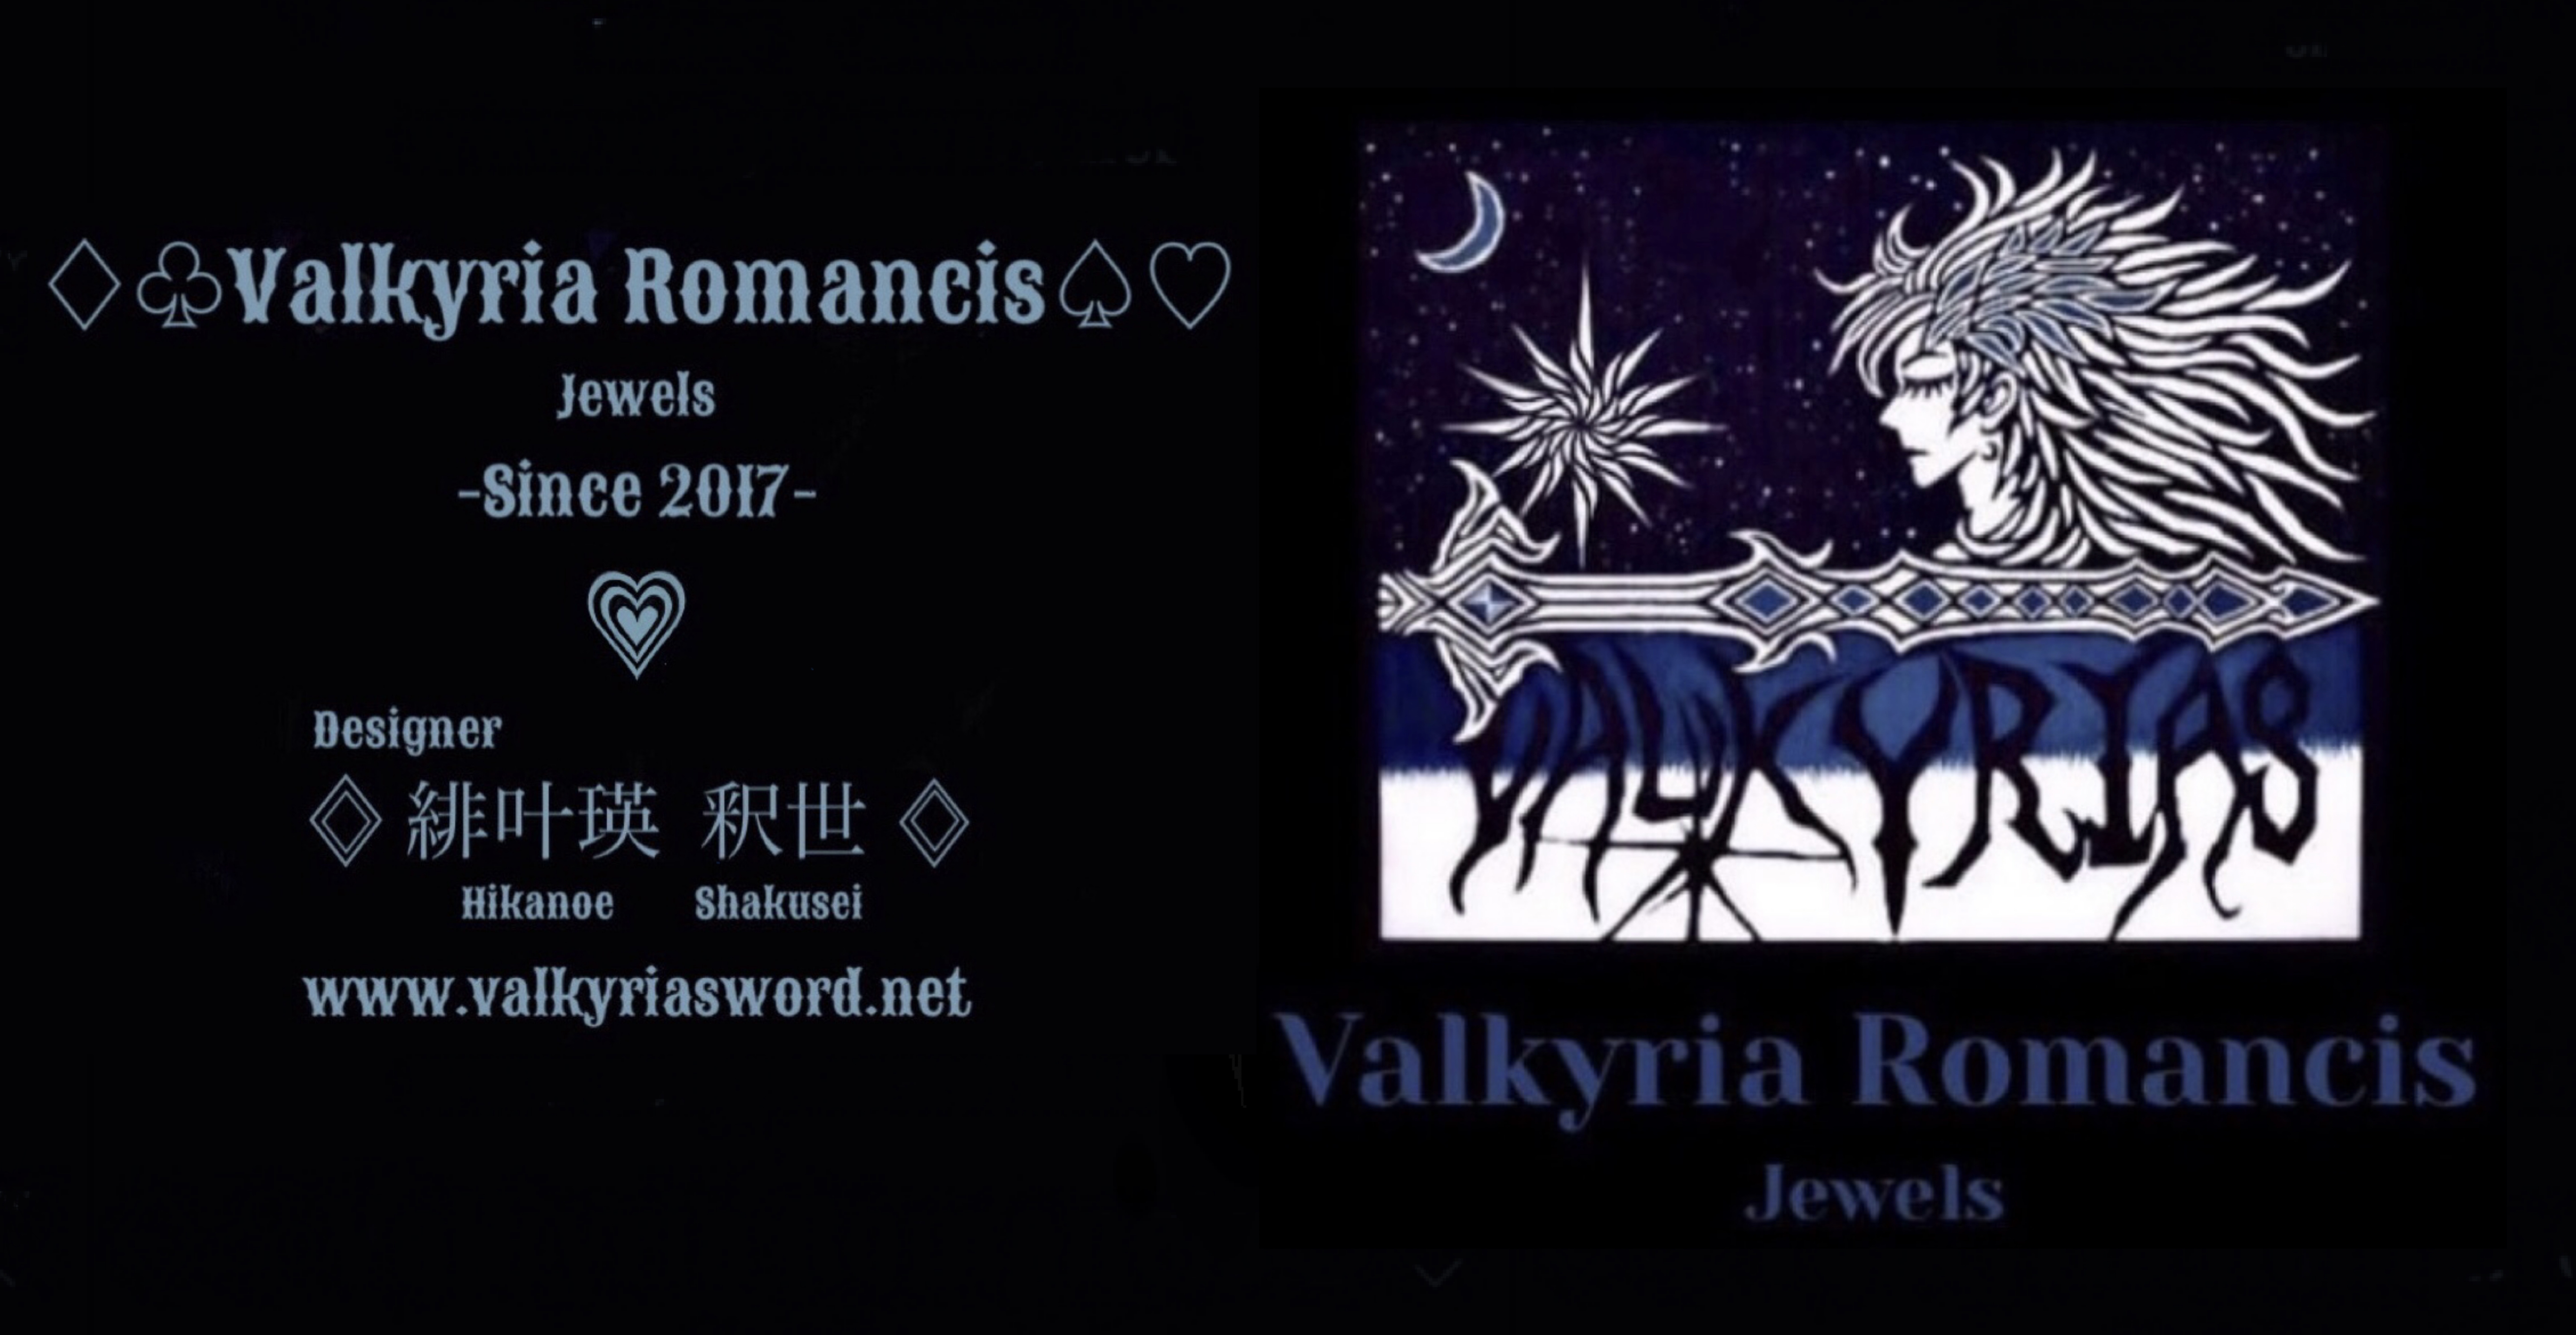 Valkyria Romancis